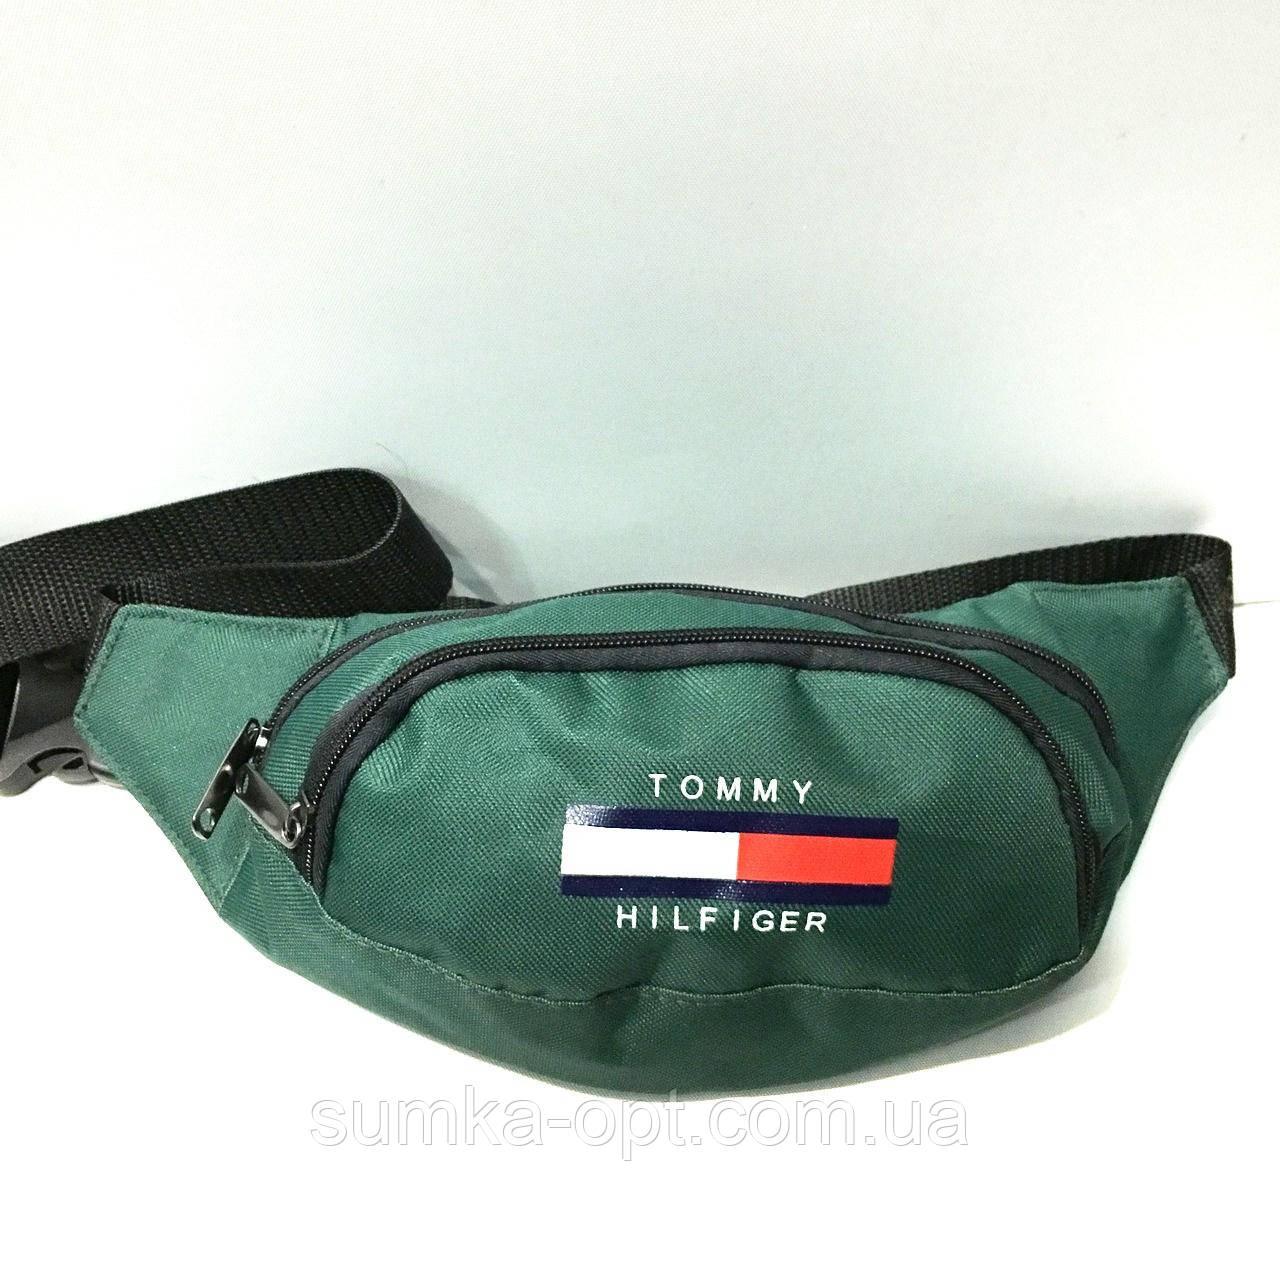 Спортивная сумка на пояс текстиль Tommy Hilfiger (зеленый)14*36см